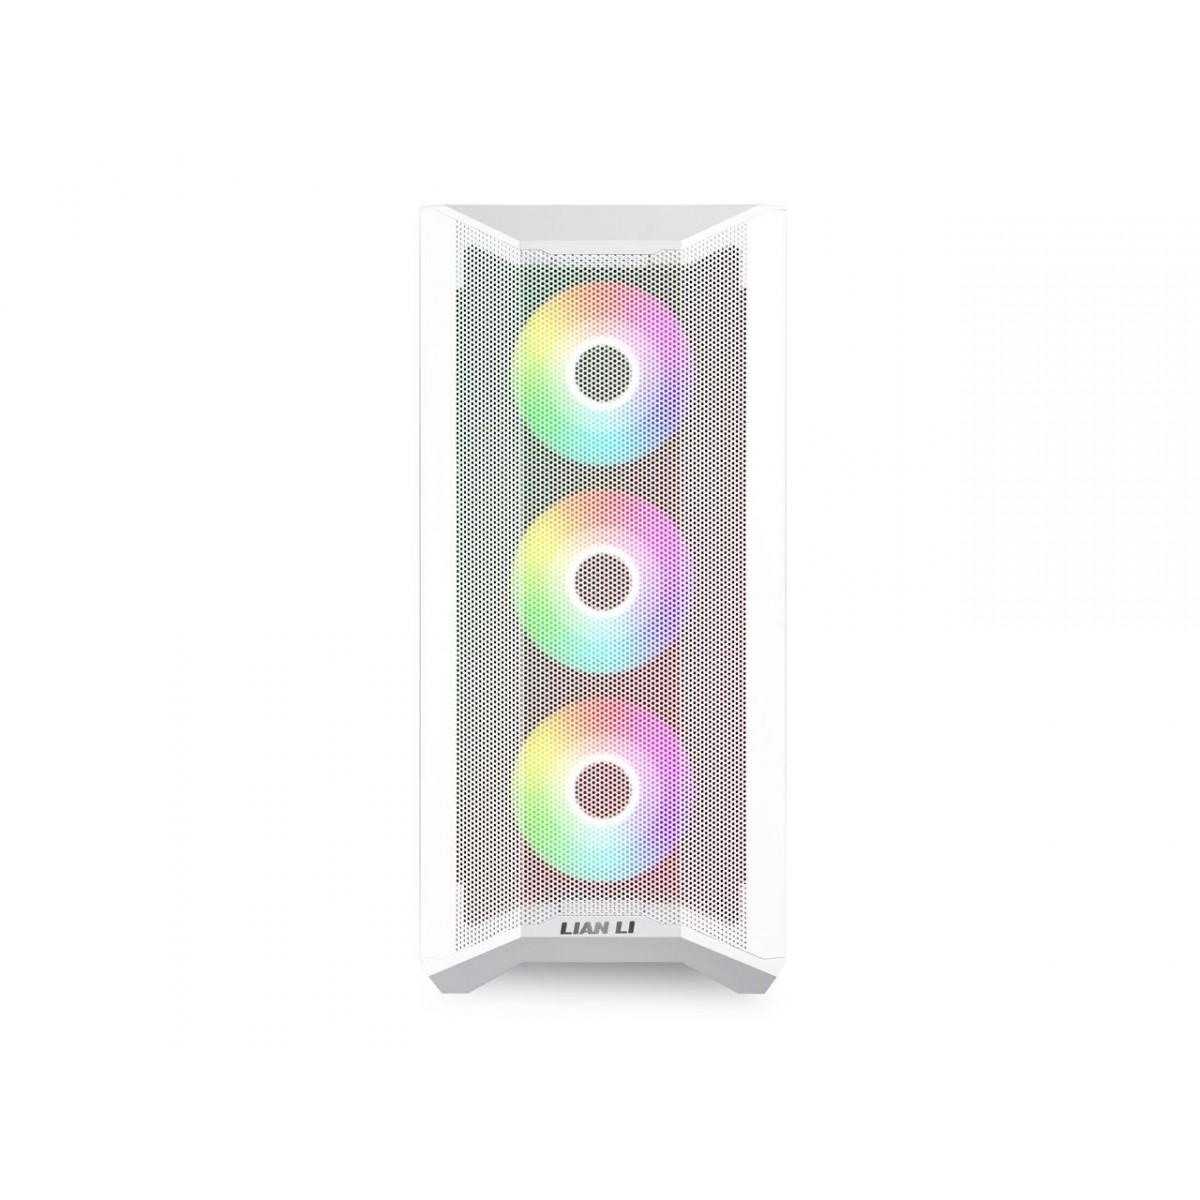 Gabinete Gamer Lian Li, Lancool II Mesh RGB, Mid Tower, Vidro Temperado, White, Sem Fonte, Com 3 Fans